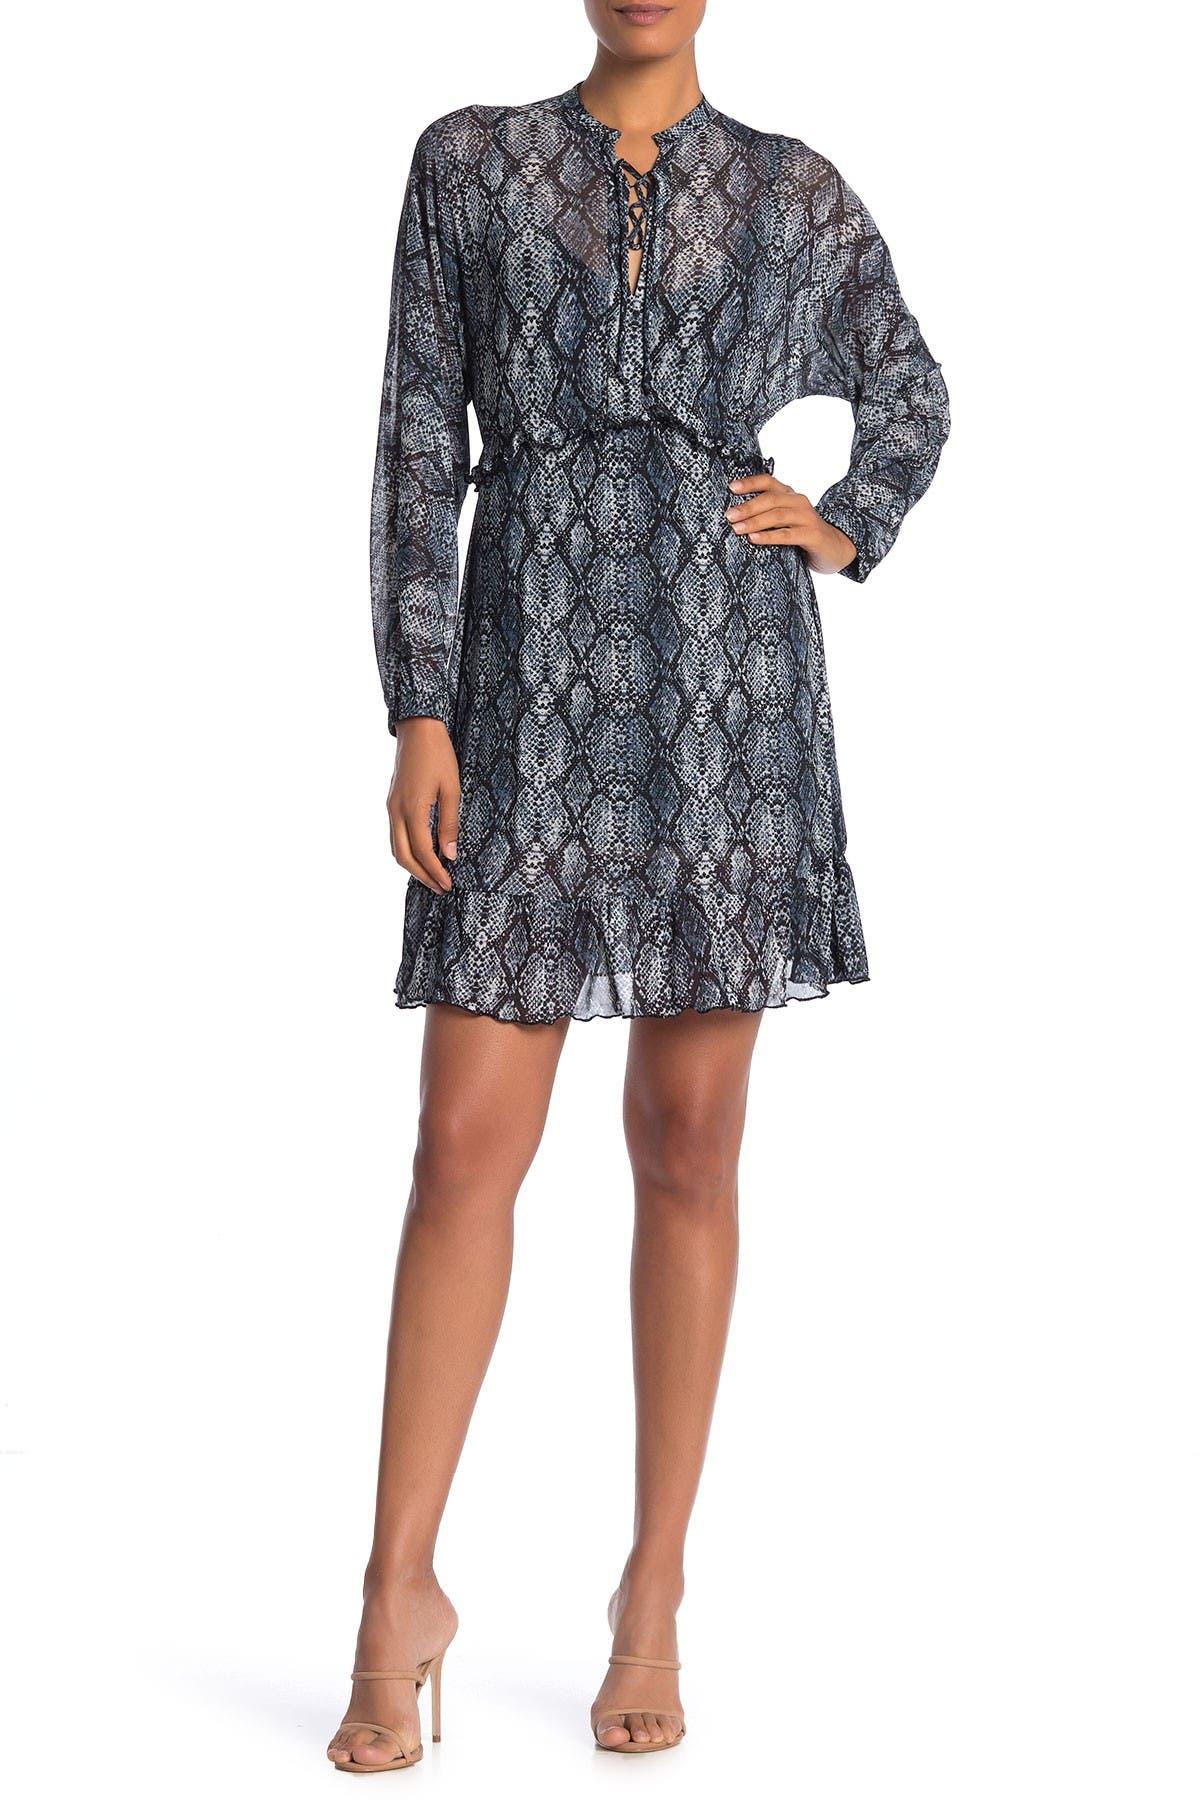 Image of Velvet Torch Mesh Long Sleeve Ruffled Dress